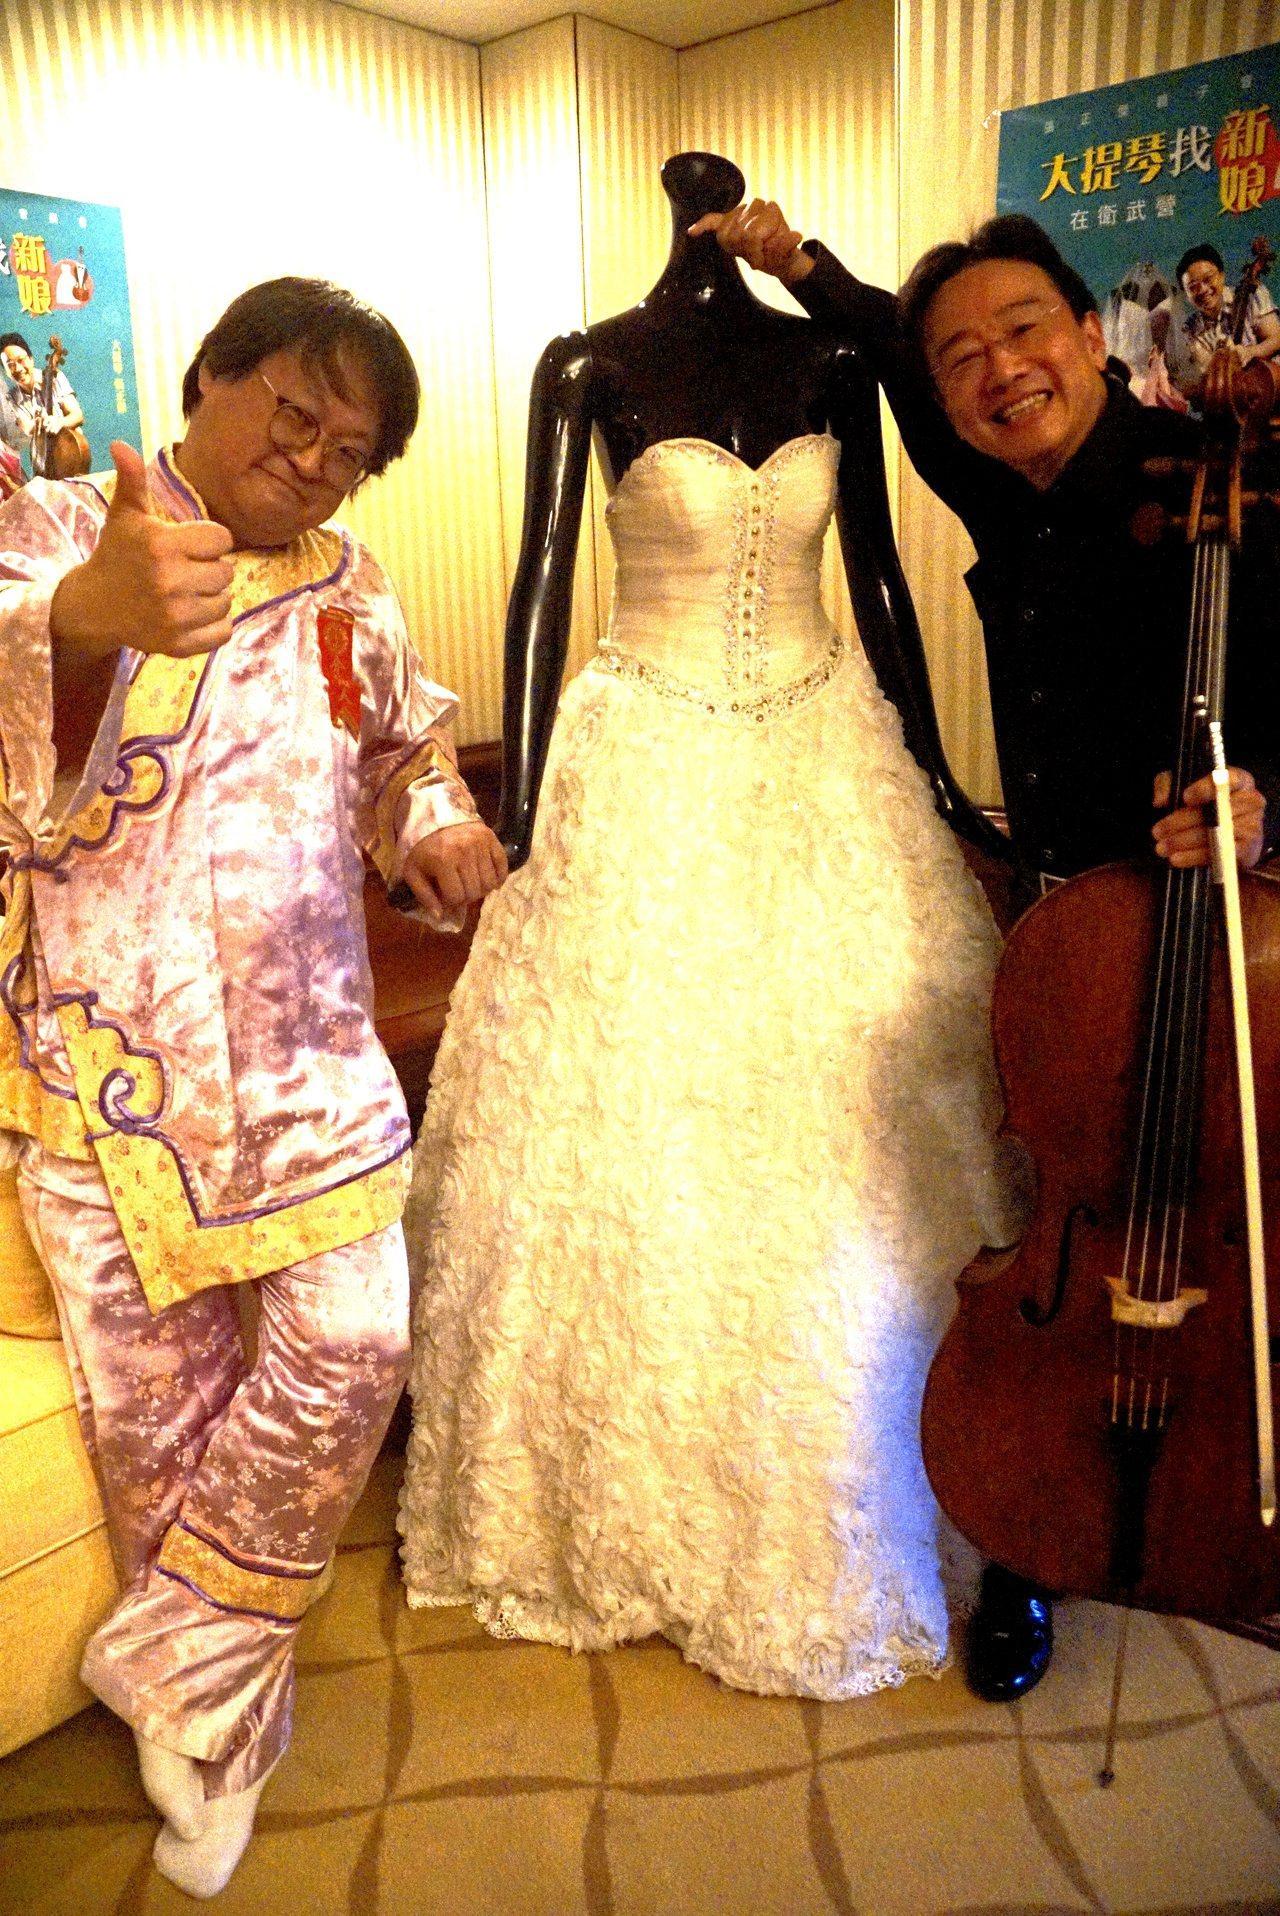 音樂家張正傑(右)的大提琴「盧傑利」身價6千萬,演員趙自強(左)充當媒婆要在音樂...